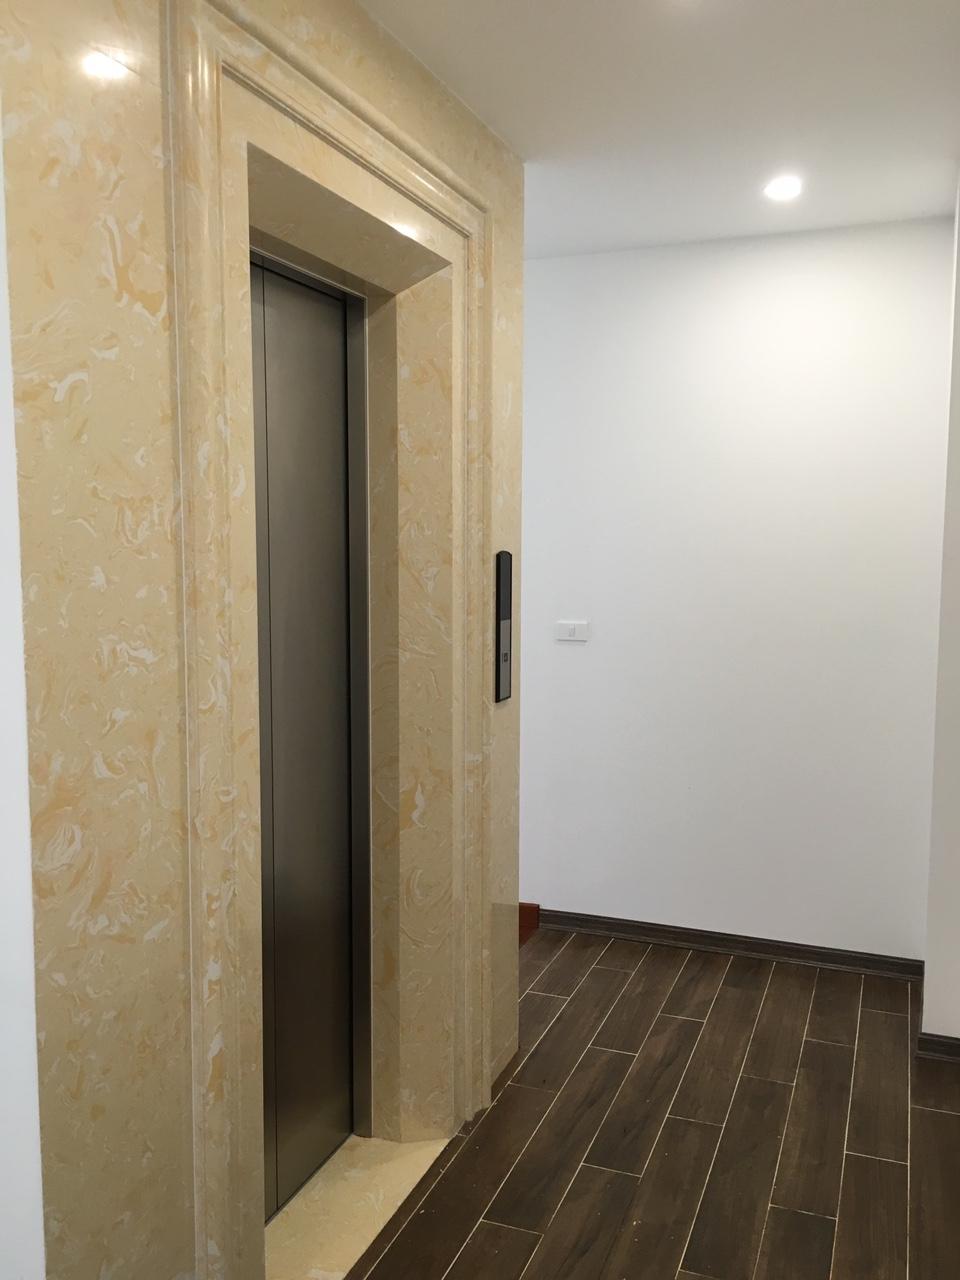 Hoàn thiện xây mới công trình nhà chú Hải tại Lạc Long Quân11